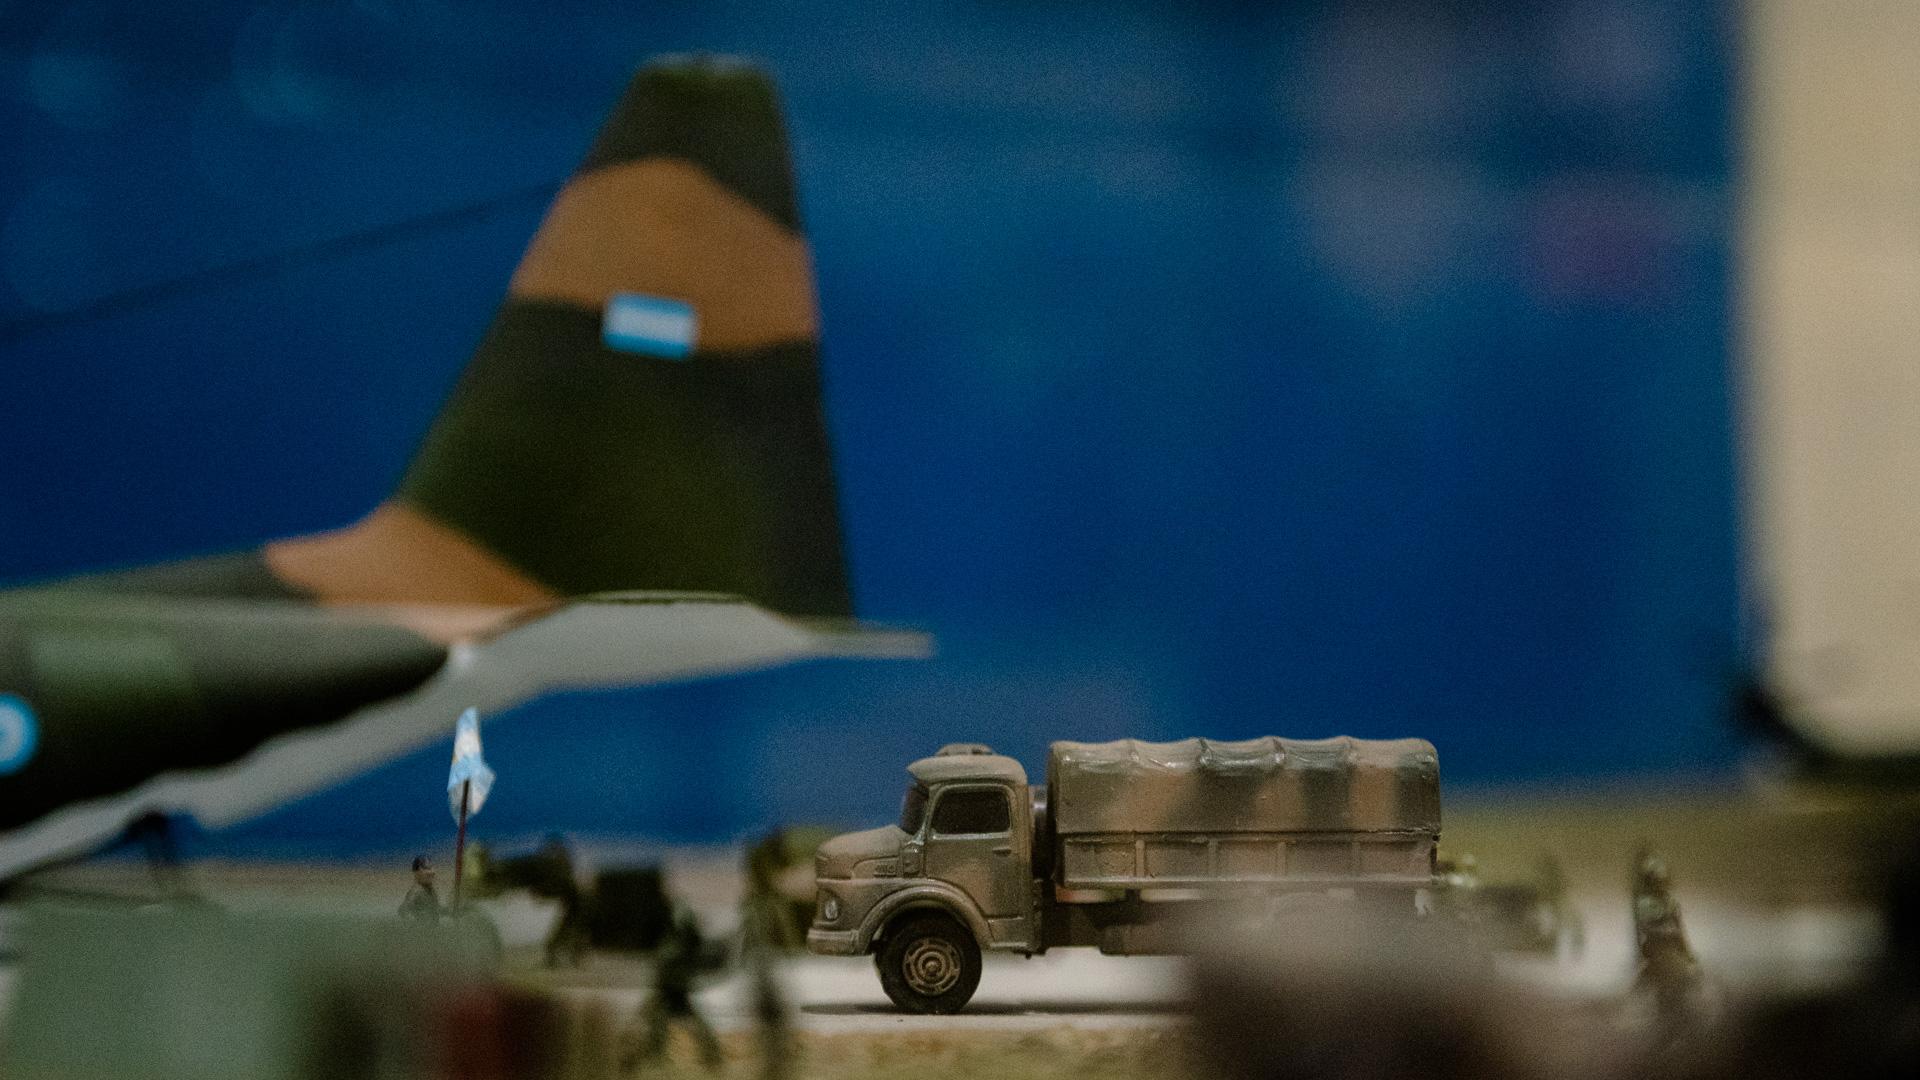 Las maquetas ilustran, a falta de imágenes, las operaciones desarrolladas por las fuerzas armadas en las batallas desarrolladas en las islas